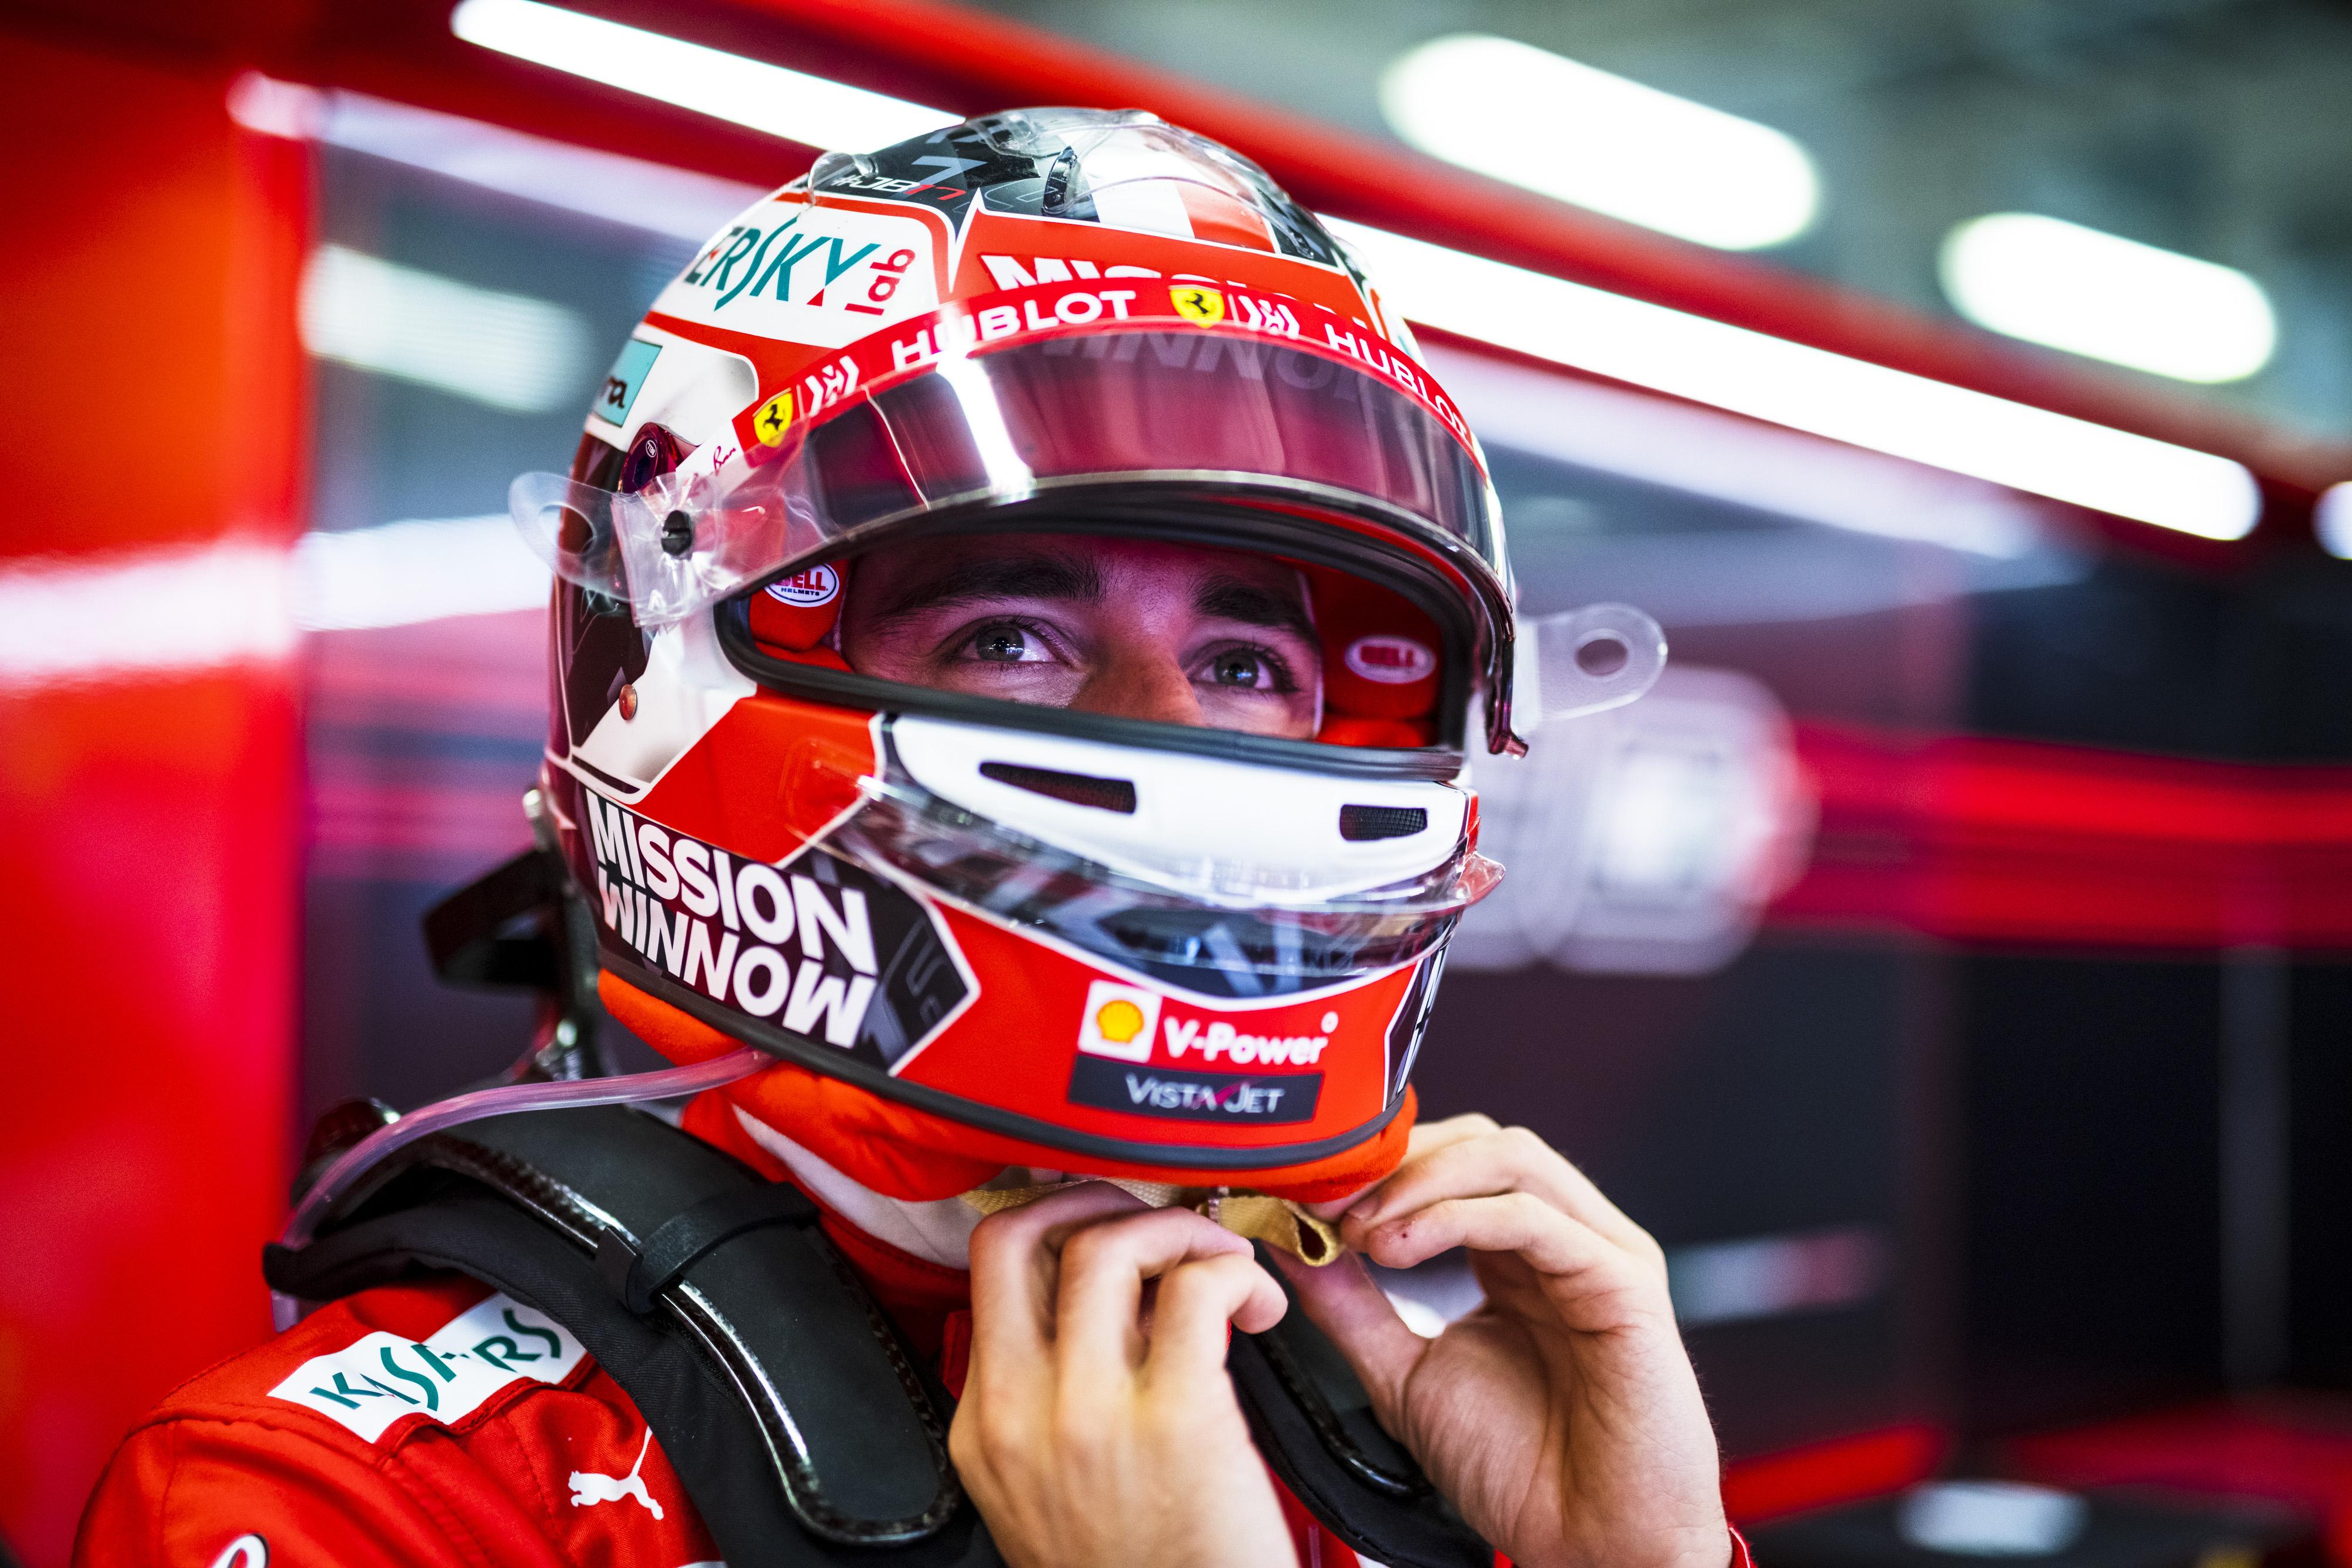 F1: A Ferrarinál Leclerc fog tesztelni a 2021-es gumikkal